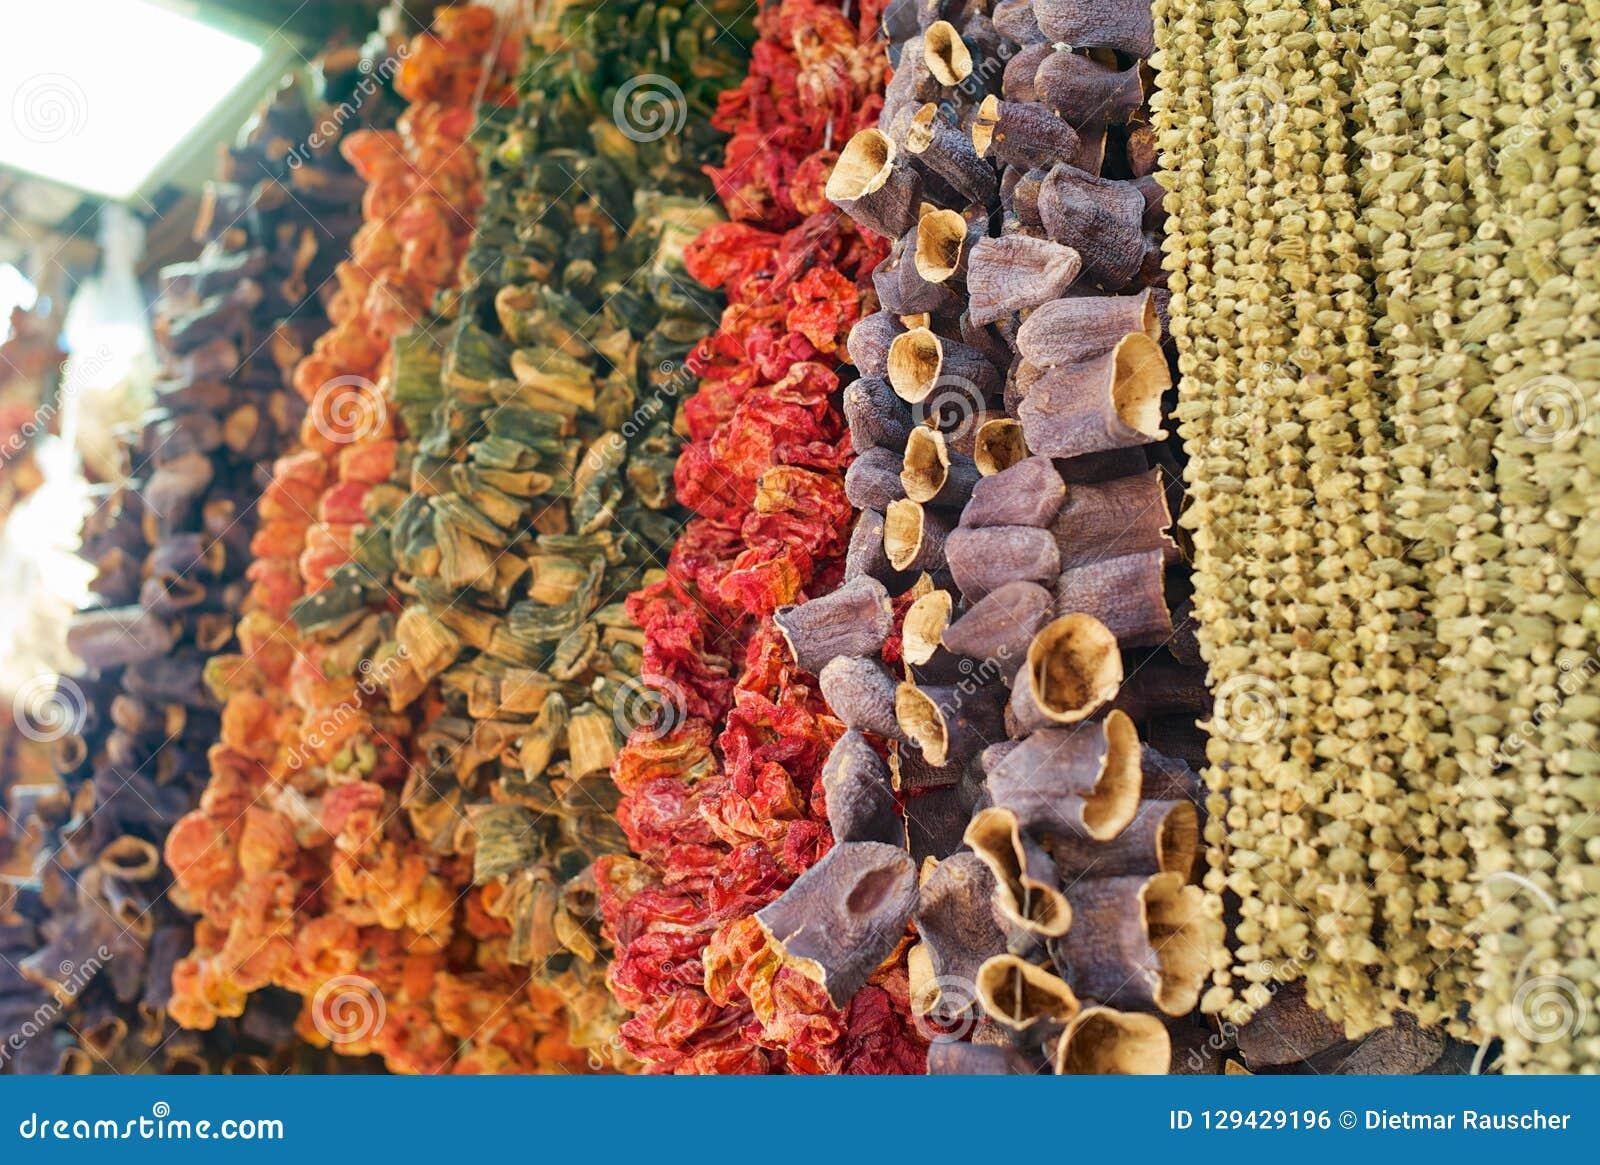 Getrocknete Auberginen, Pfeffer, Tomaten und anderes Trockengemüse, die in einem Basar hängen